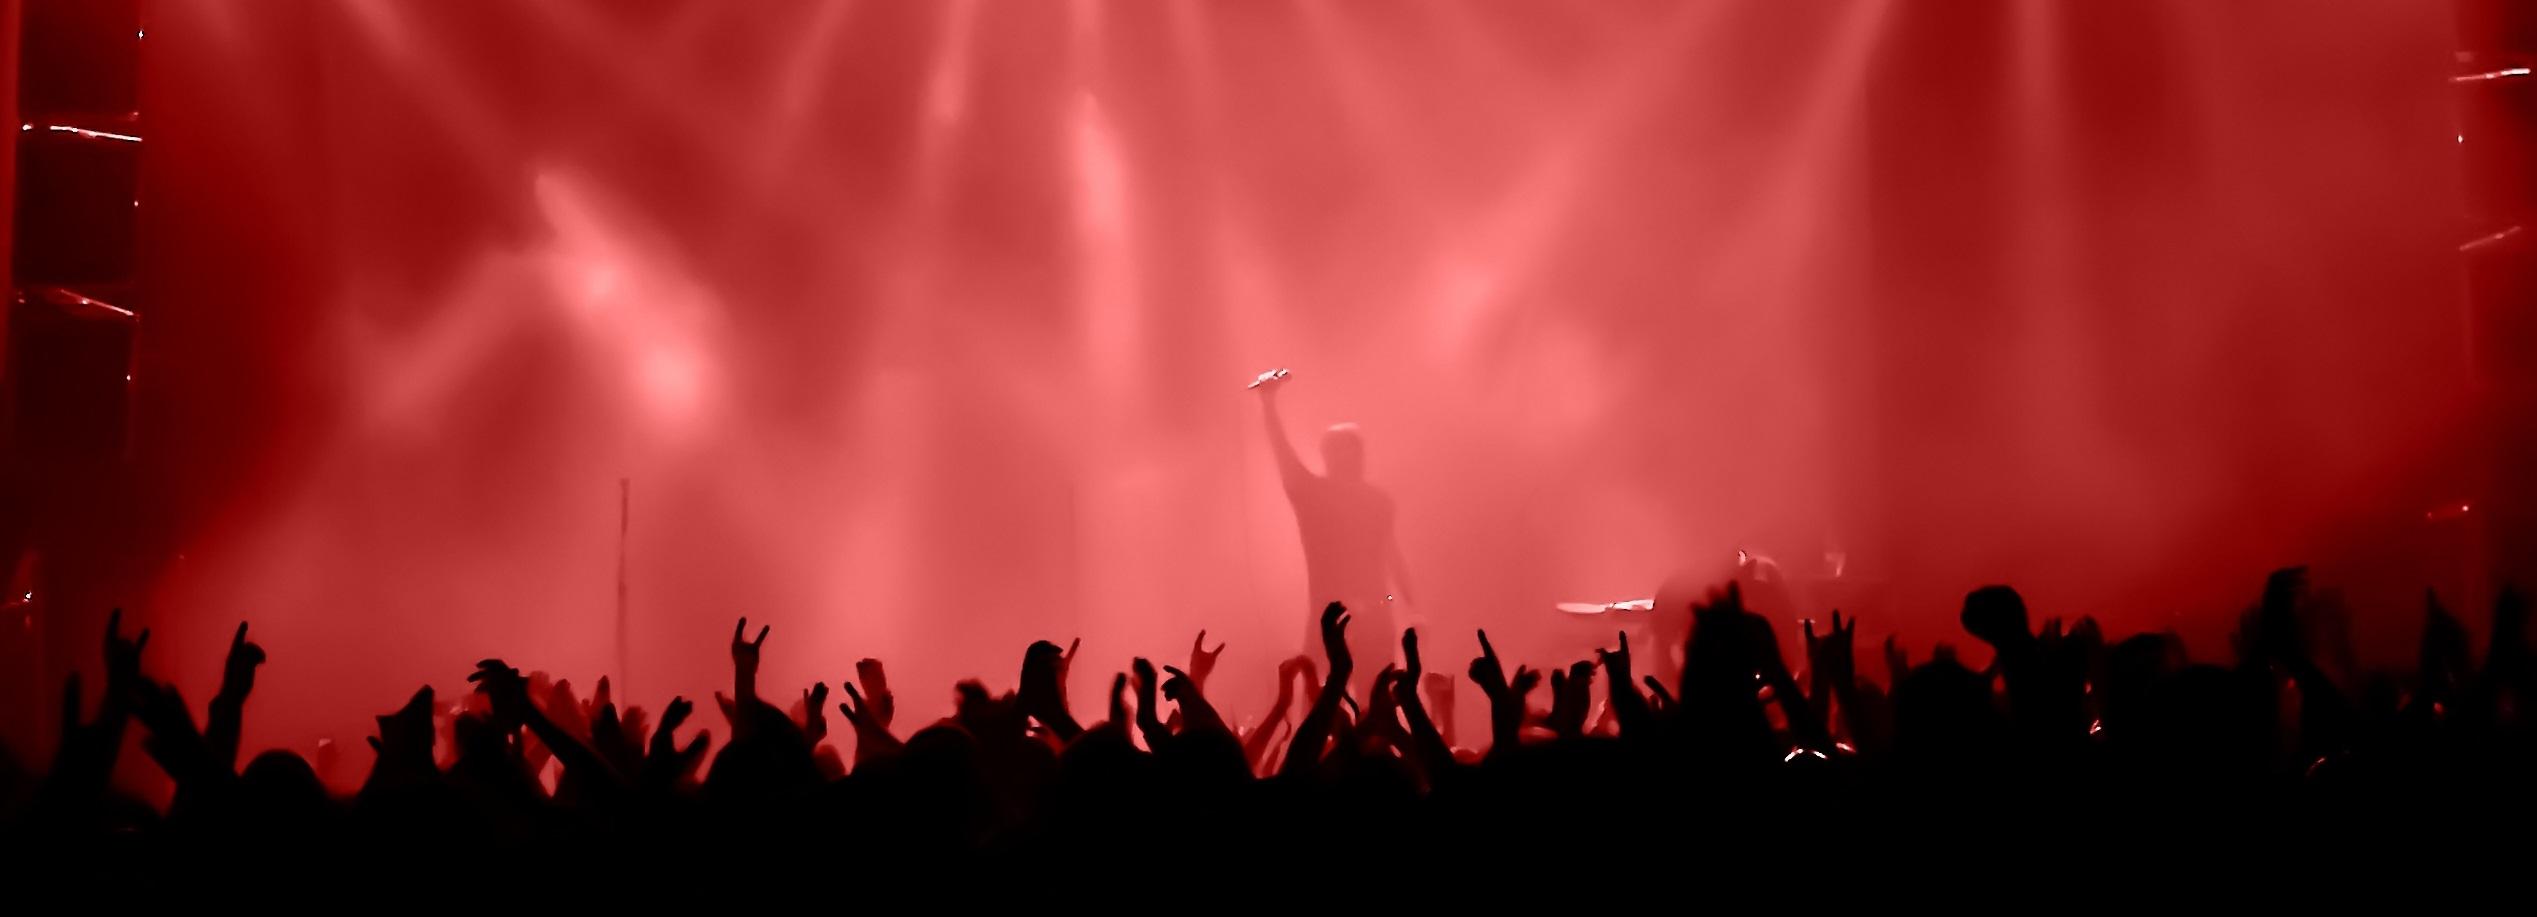 Concert à paris, à ne pas manquer